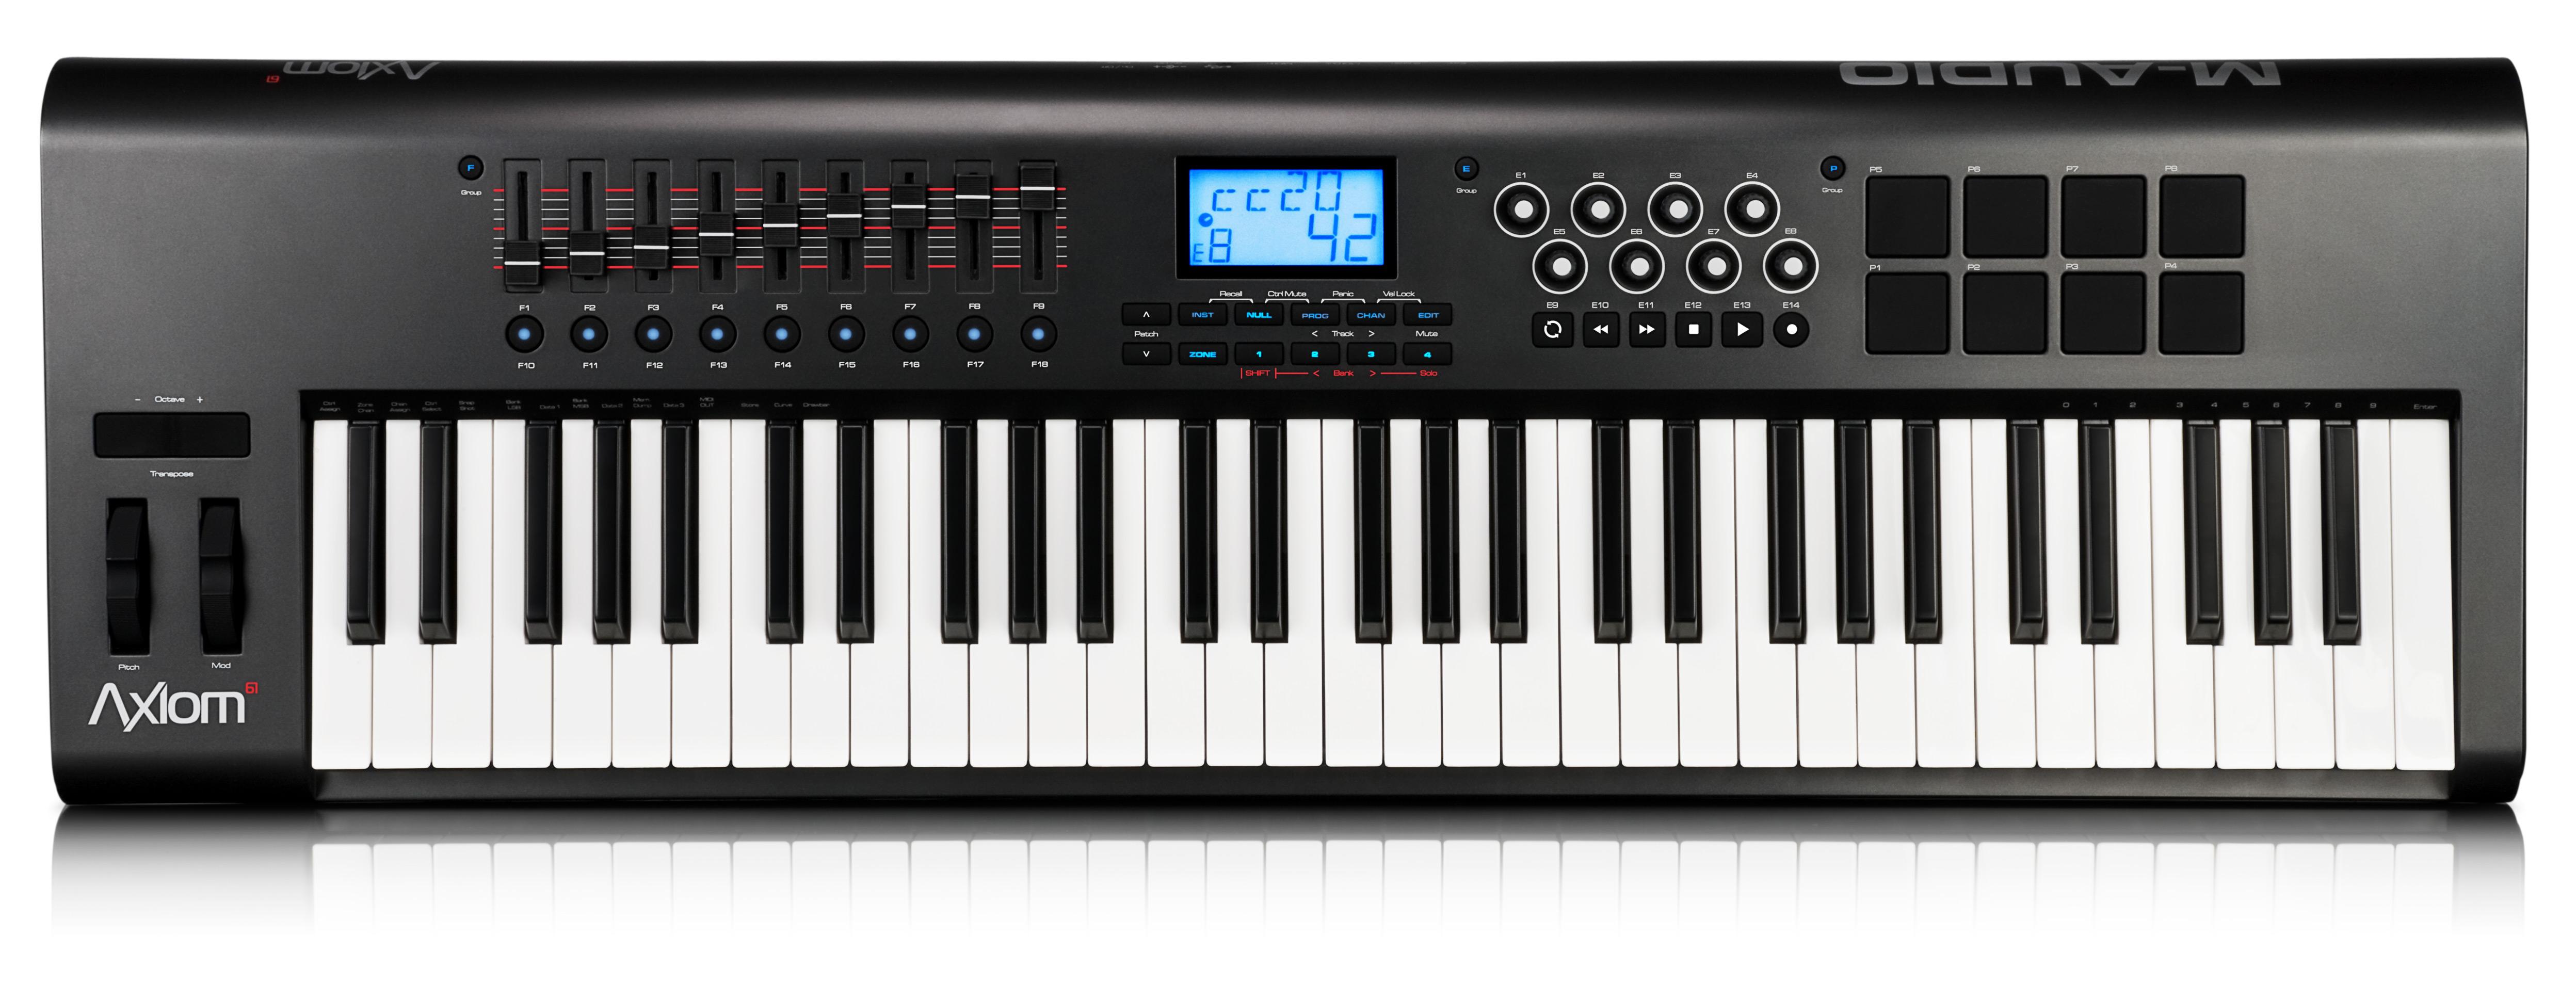 Axiom Keyboard M-Audio